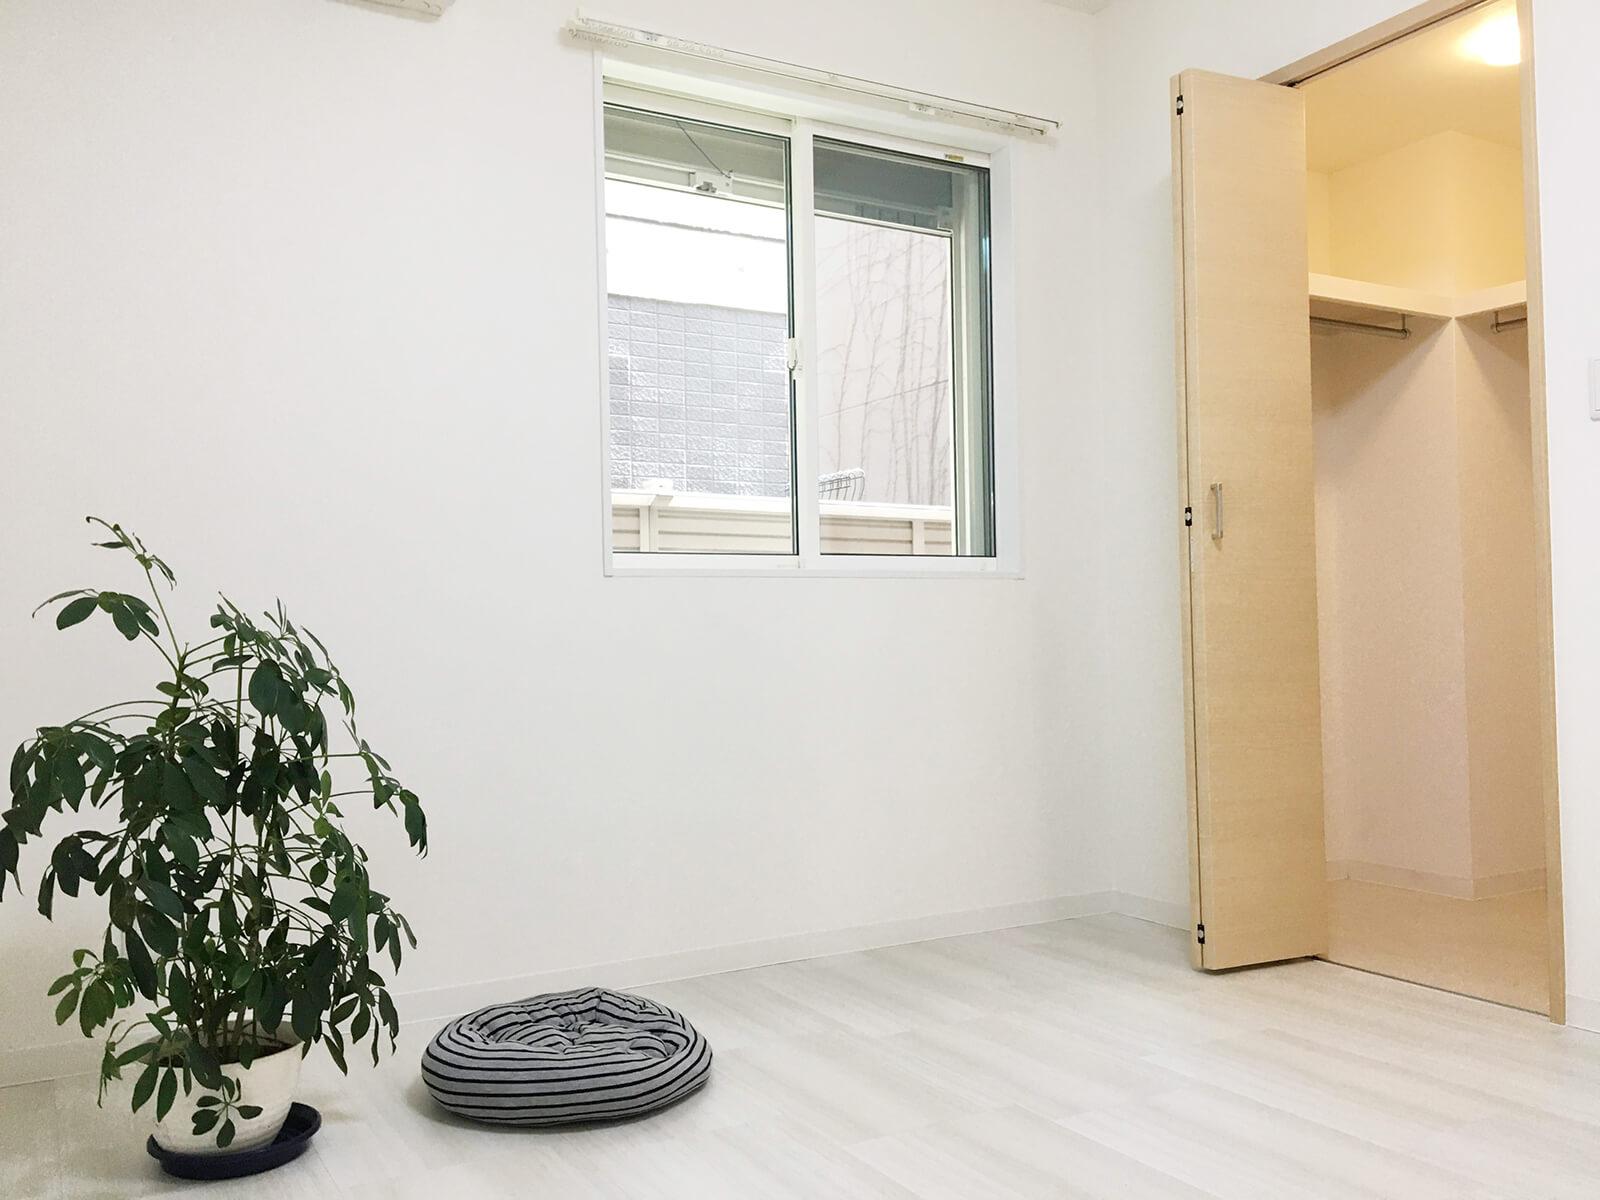 お申込みあり*横浜市南区*ねこさん歓迎アパート*3匹までOKです♪